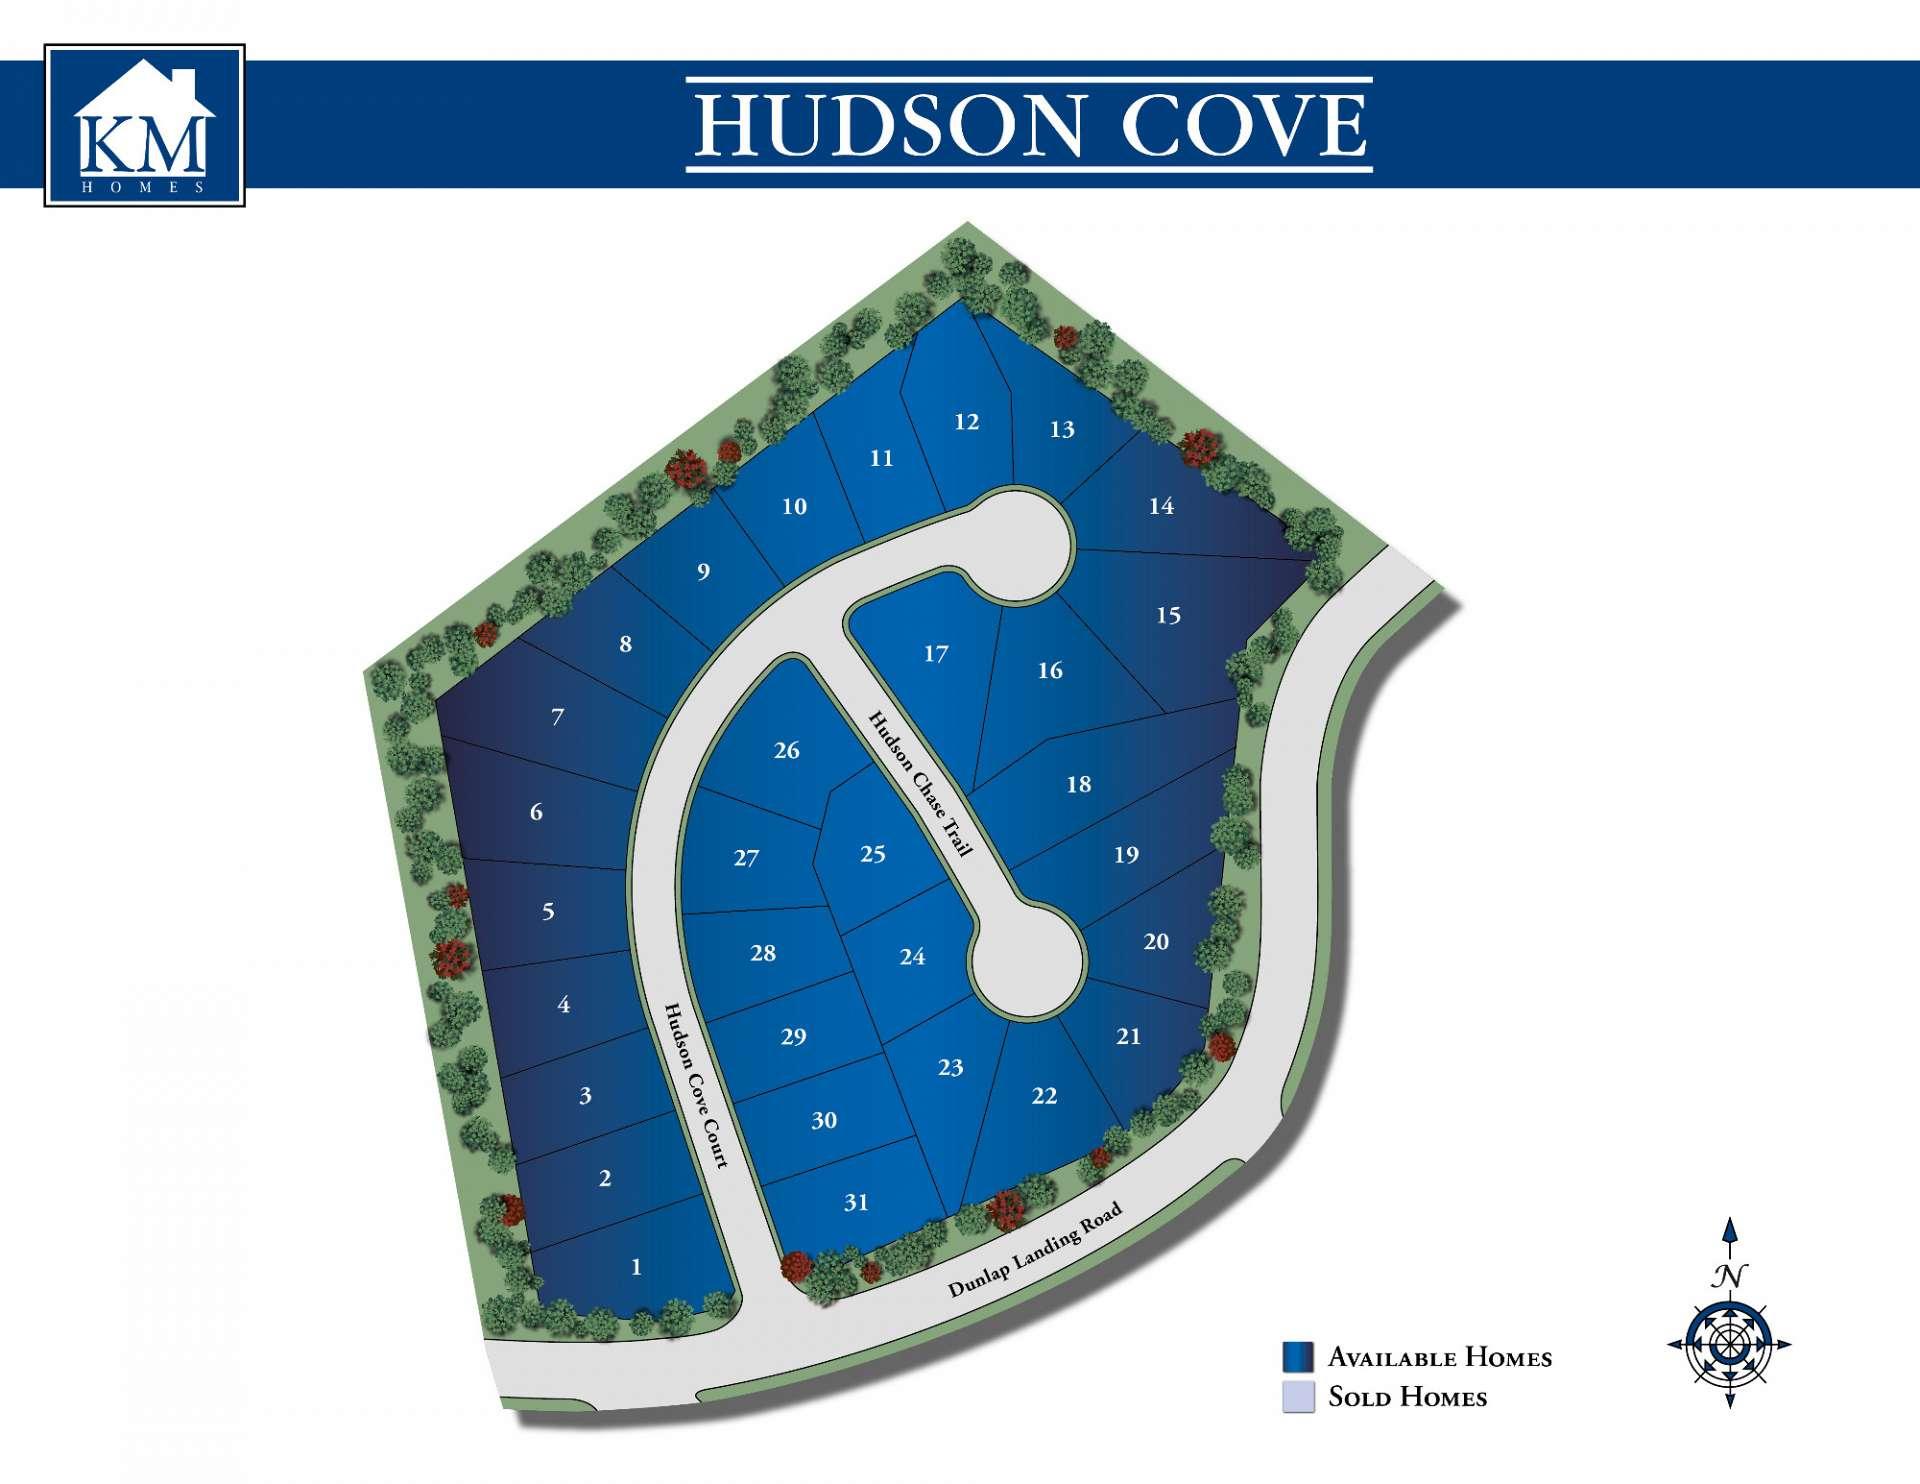 HudsonCove.Hmst